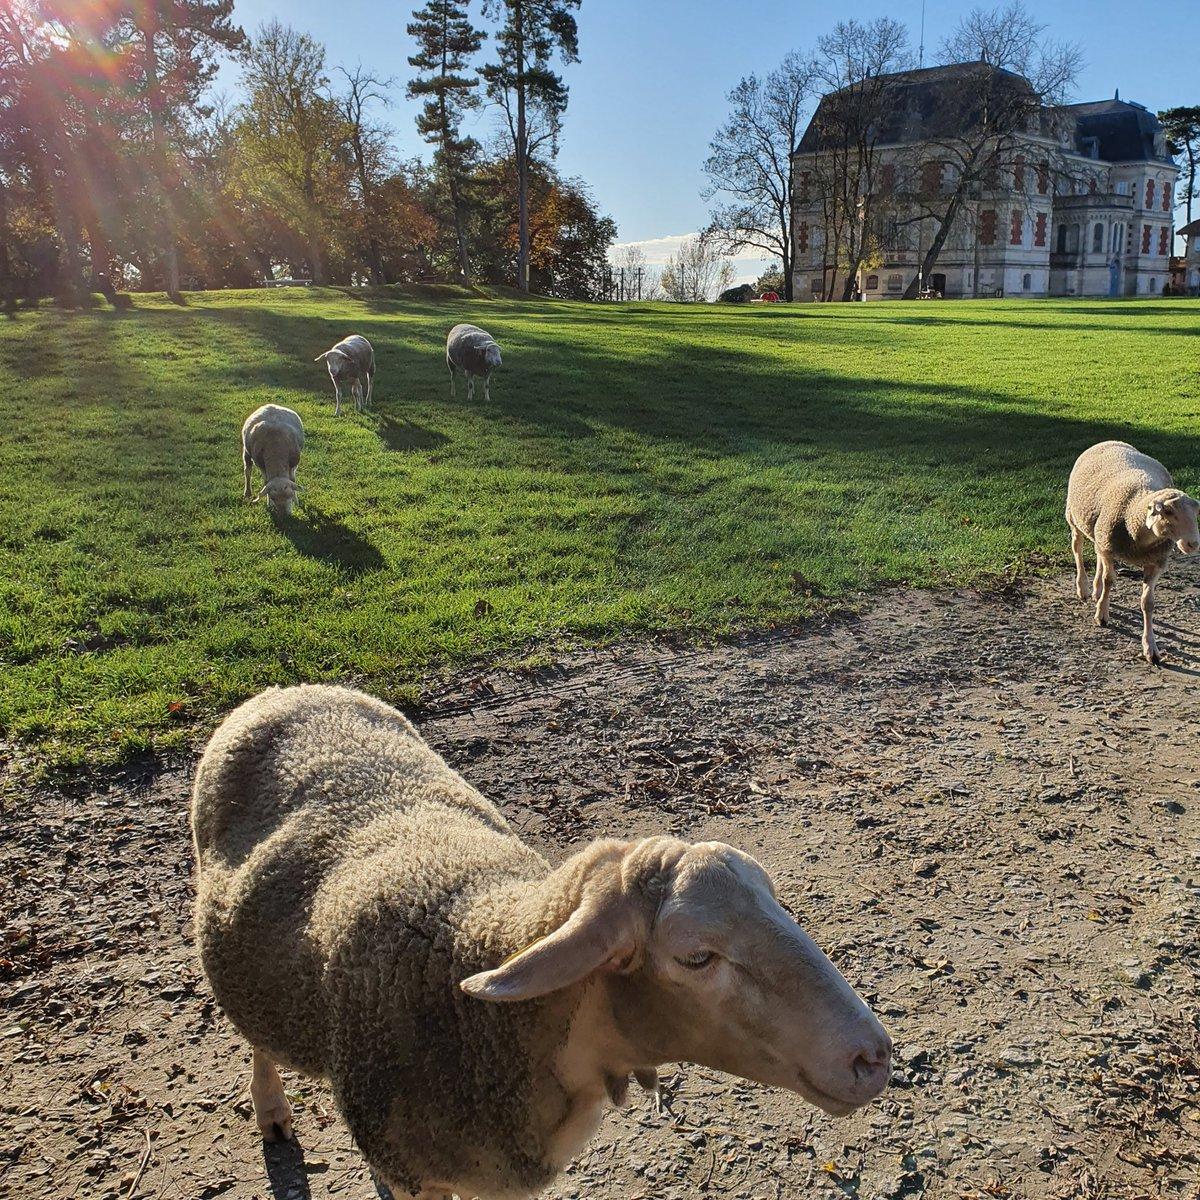 Défi relevé pour le challenge #monpatrimoineamoinsde10kms ! À #Lormont il est possible de profiter d'une balade au grand air au sein du parc du Château des Iris (et en très bonne compagnie) ! #nature #confinement #balade #gironde #rivedroite #animaux #promenade #patrimoine https://t.co/1PdYueNngN